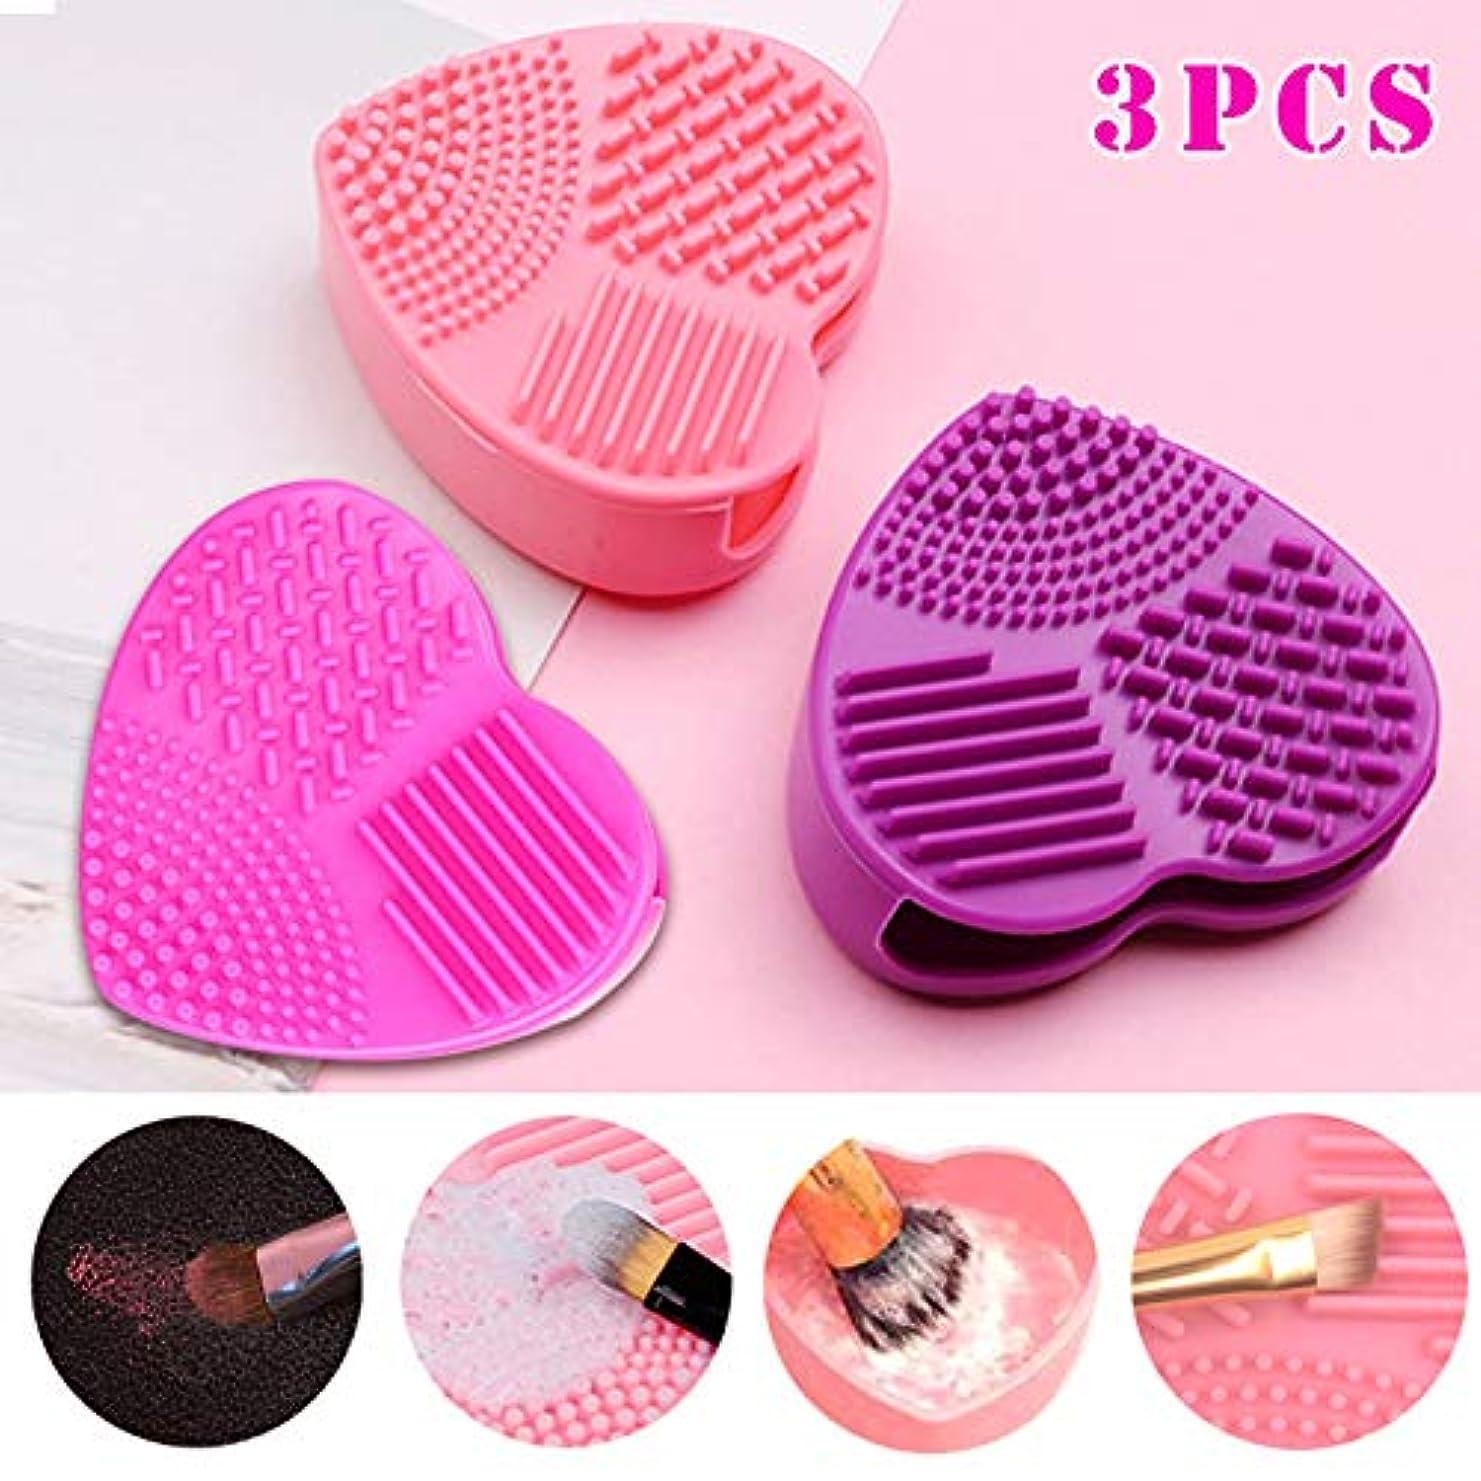 絡まる成人期地理Symboat 3つのハート型の化粧ブラシのクリーニングパッド 洗浄ブラシ ピンクのハート形 化粧ブラシ用清掃パッド